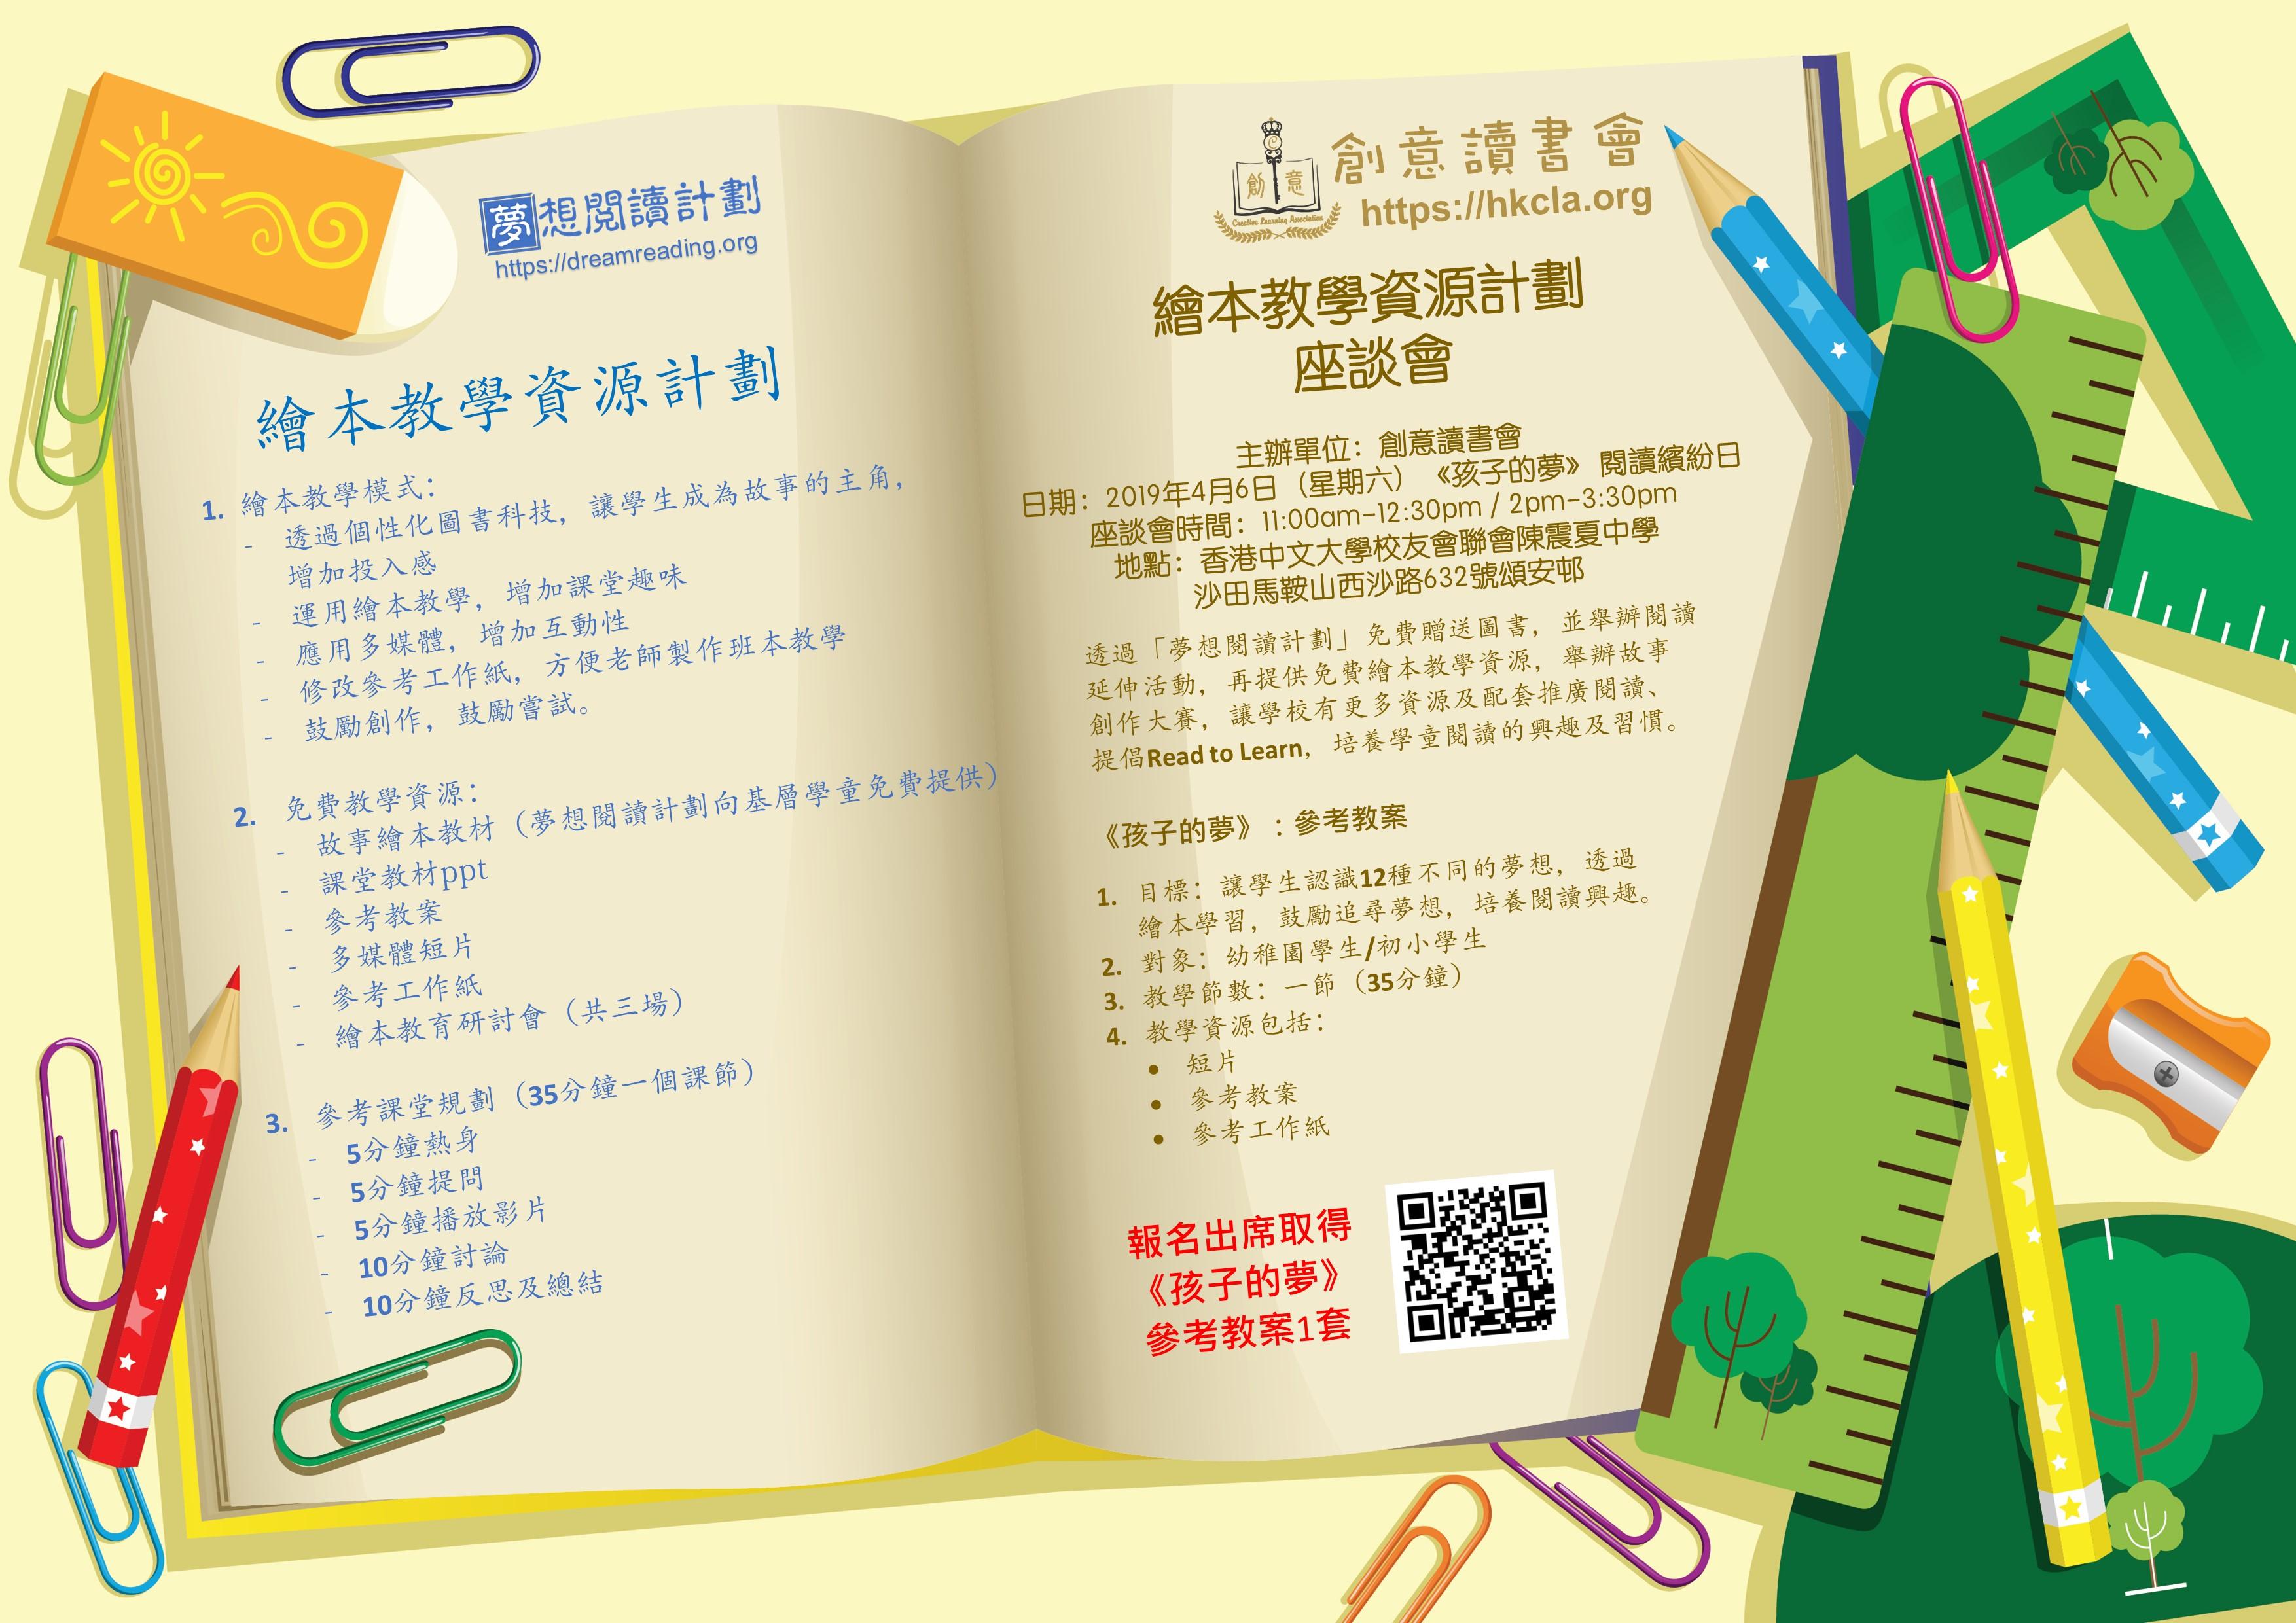 繪本教學資源計劃-座談會